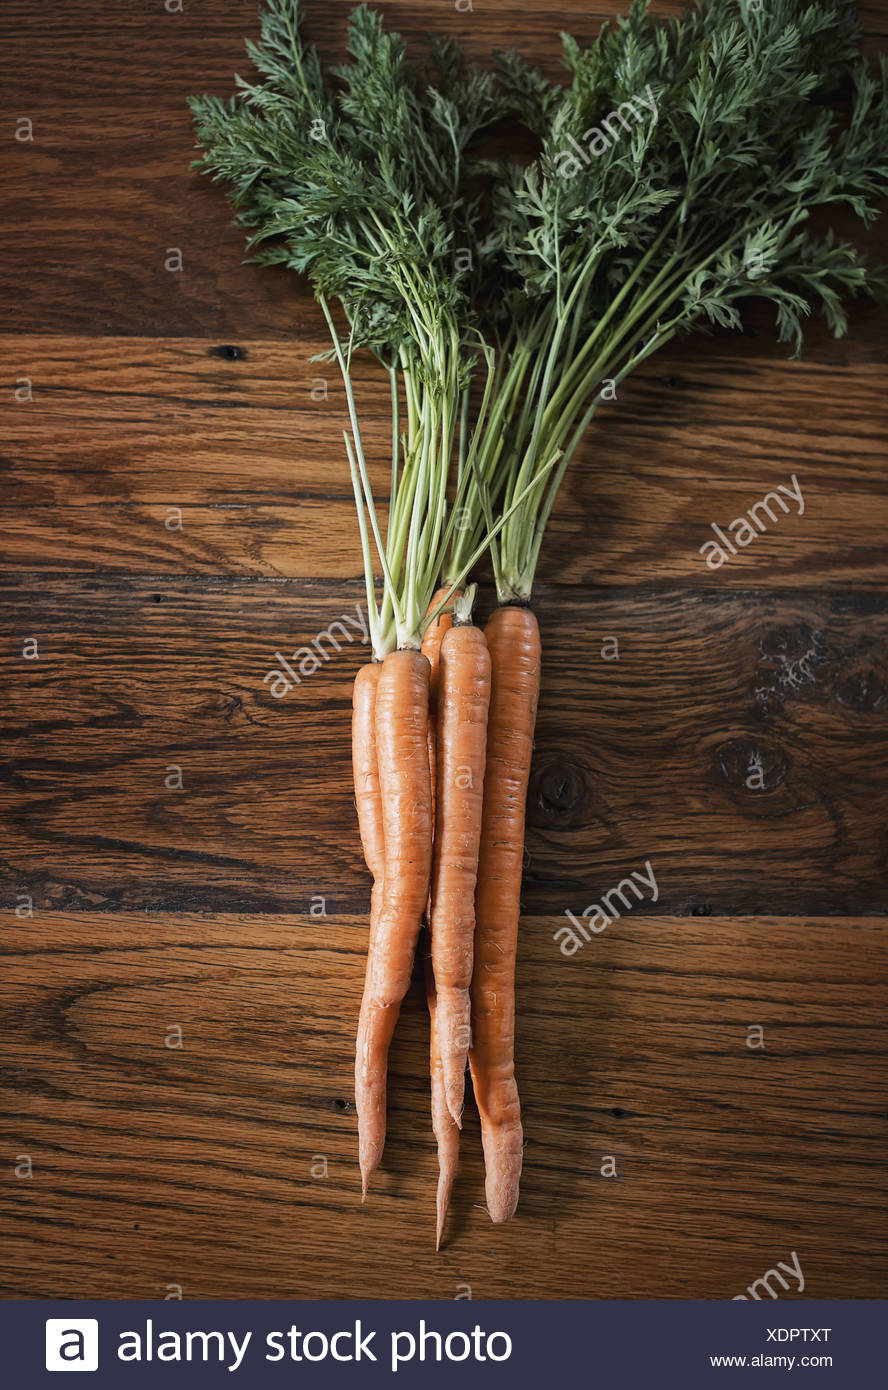 Eine kleine Gruppe von Karotten mit grünen grünen Spitzen frisch geernteten liegend auf einer Tischplatte Stockbild